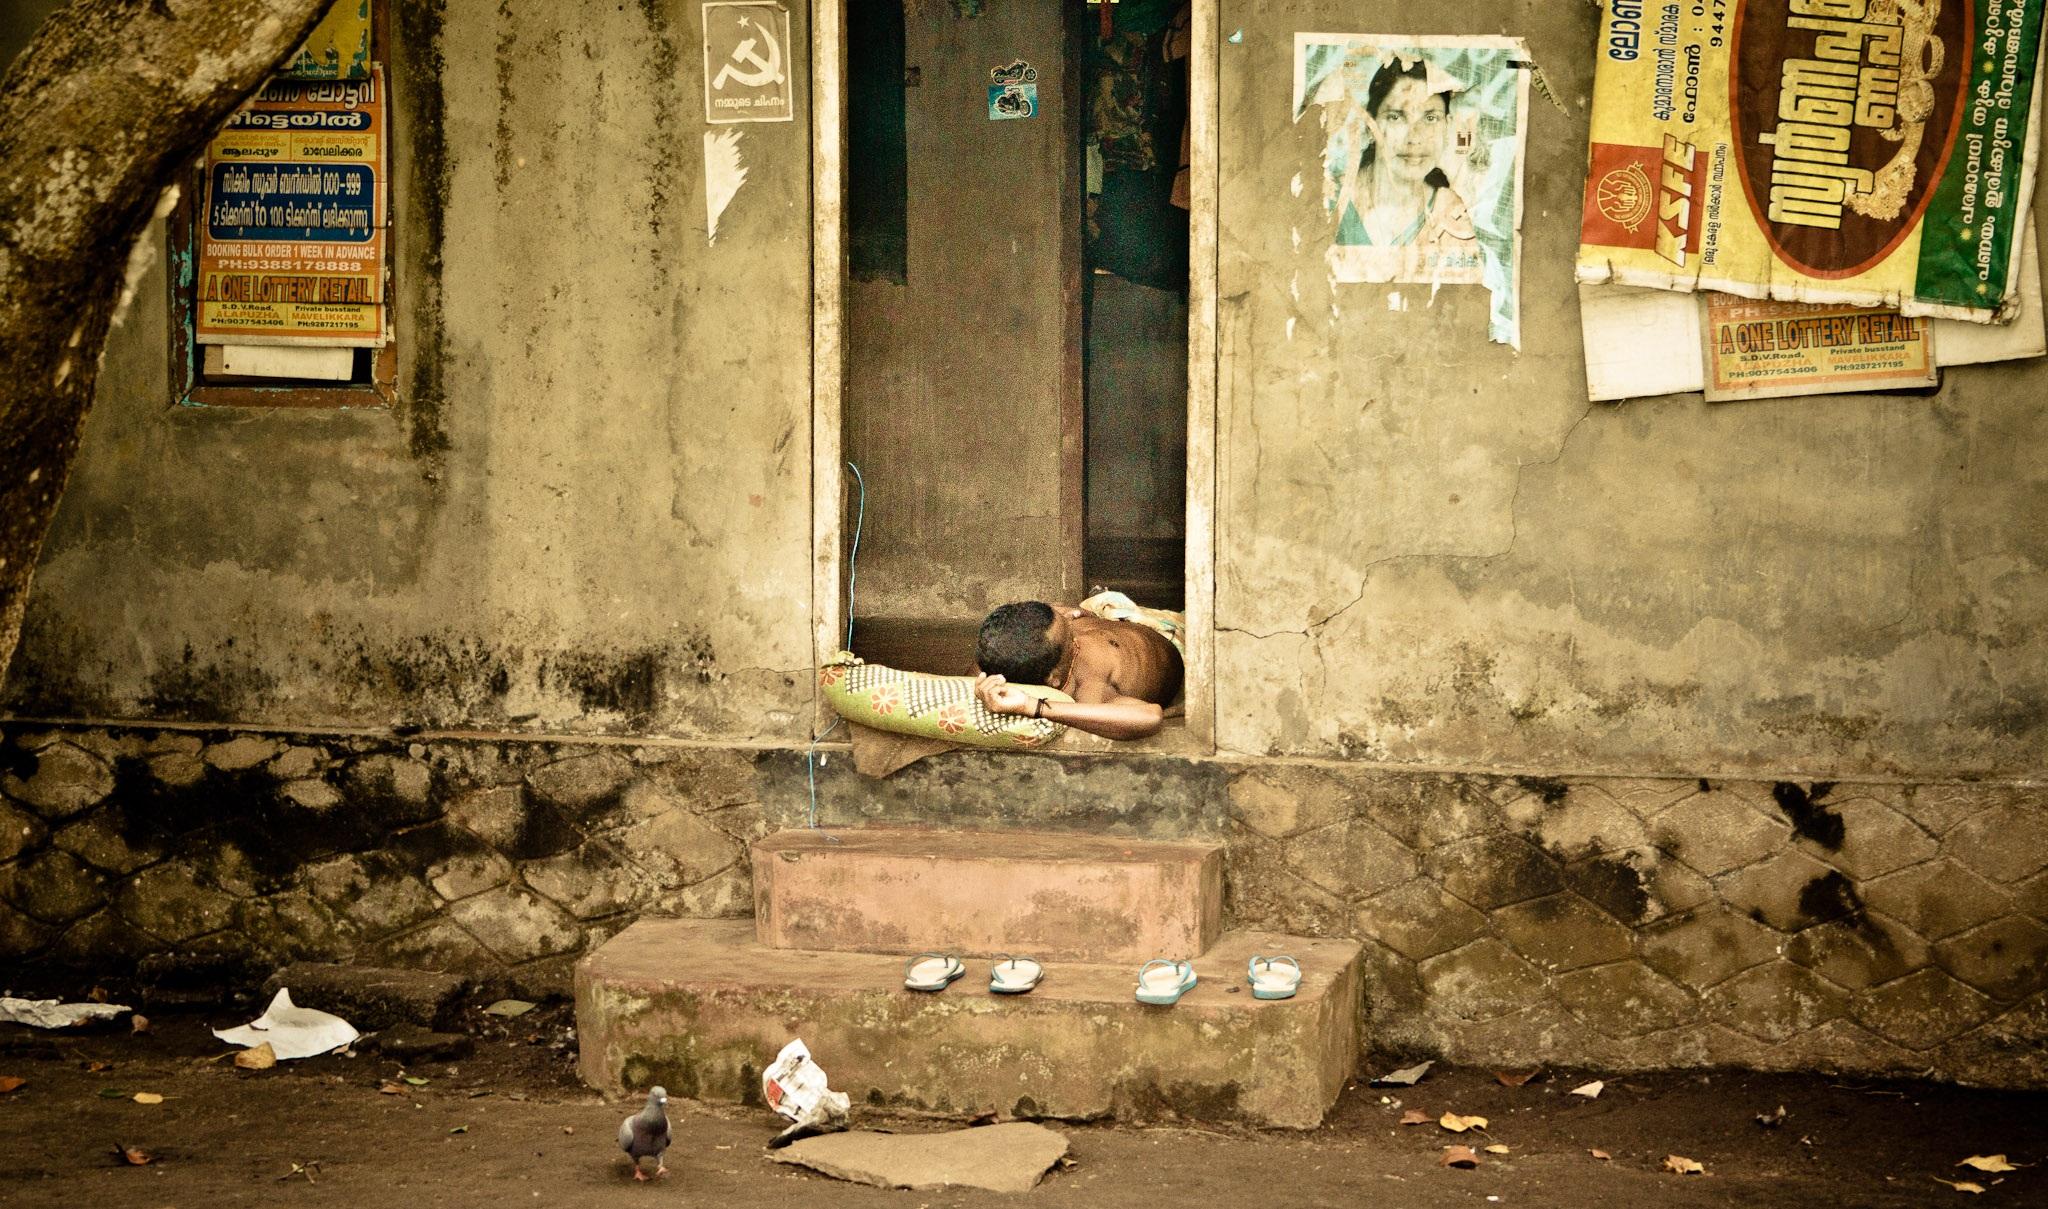 всех грустные картинки про бедность и нищету чтобы заработать себе